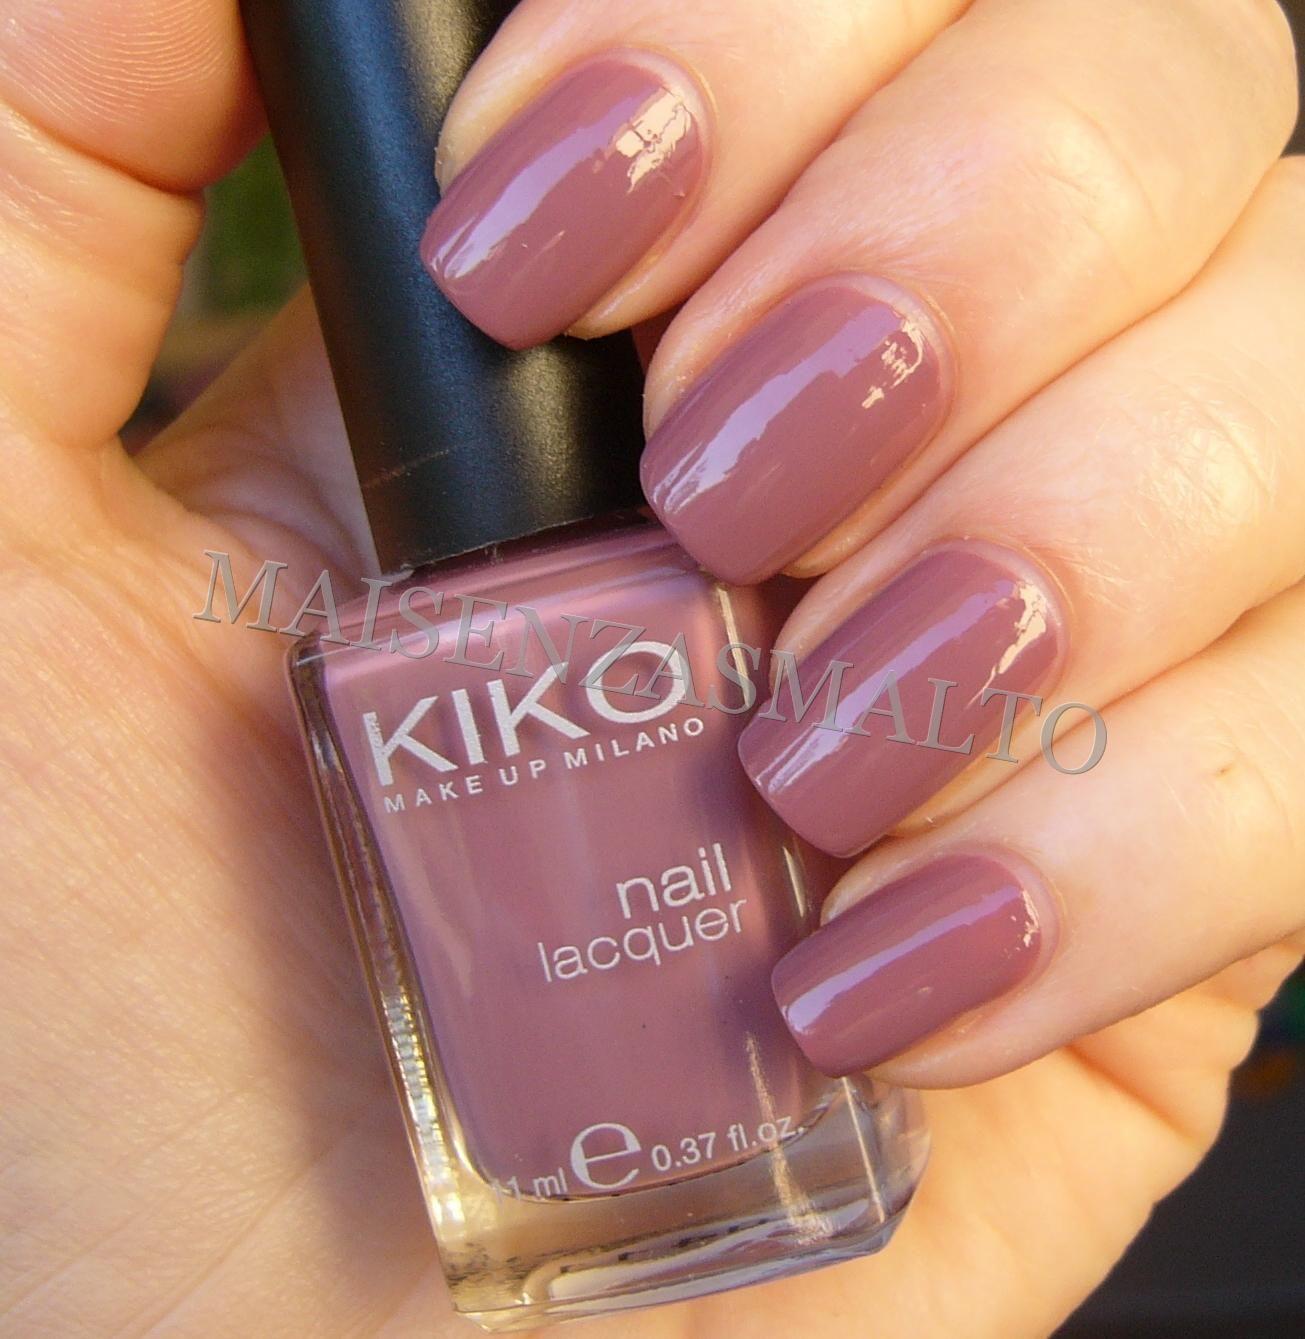 NOTD: Kiko 318 Malva chiaro [Pink Wednesday] | Esmalte, Manicuras y ...